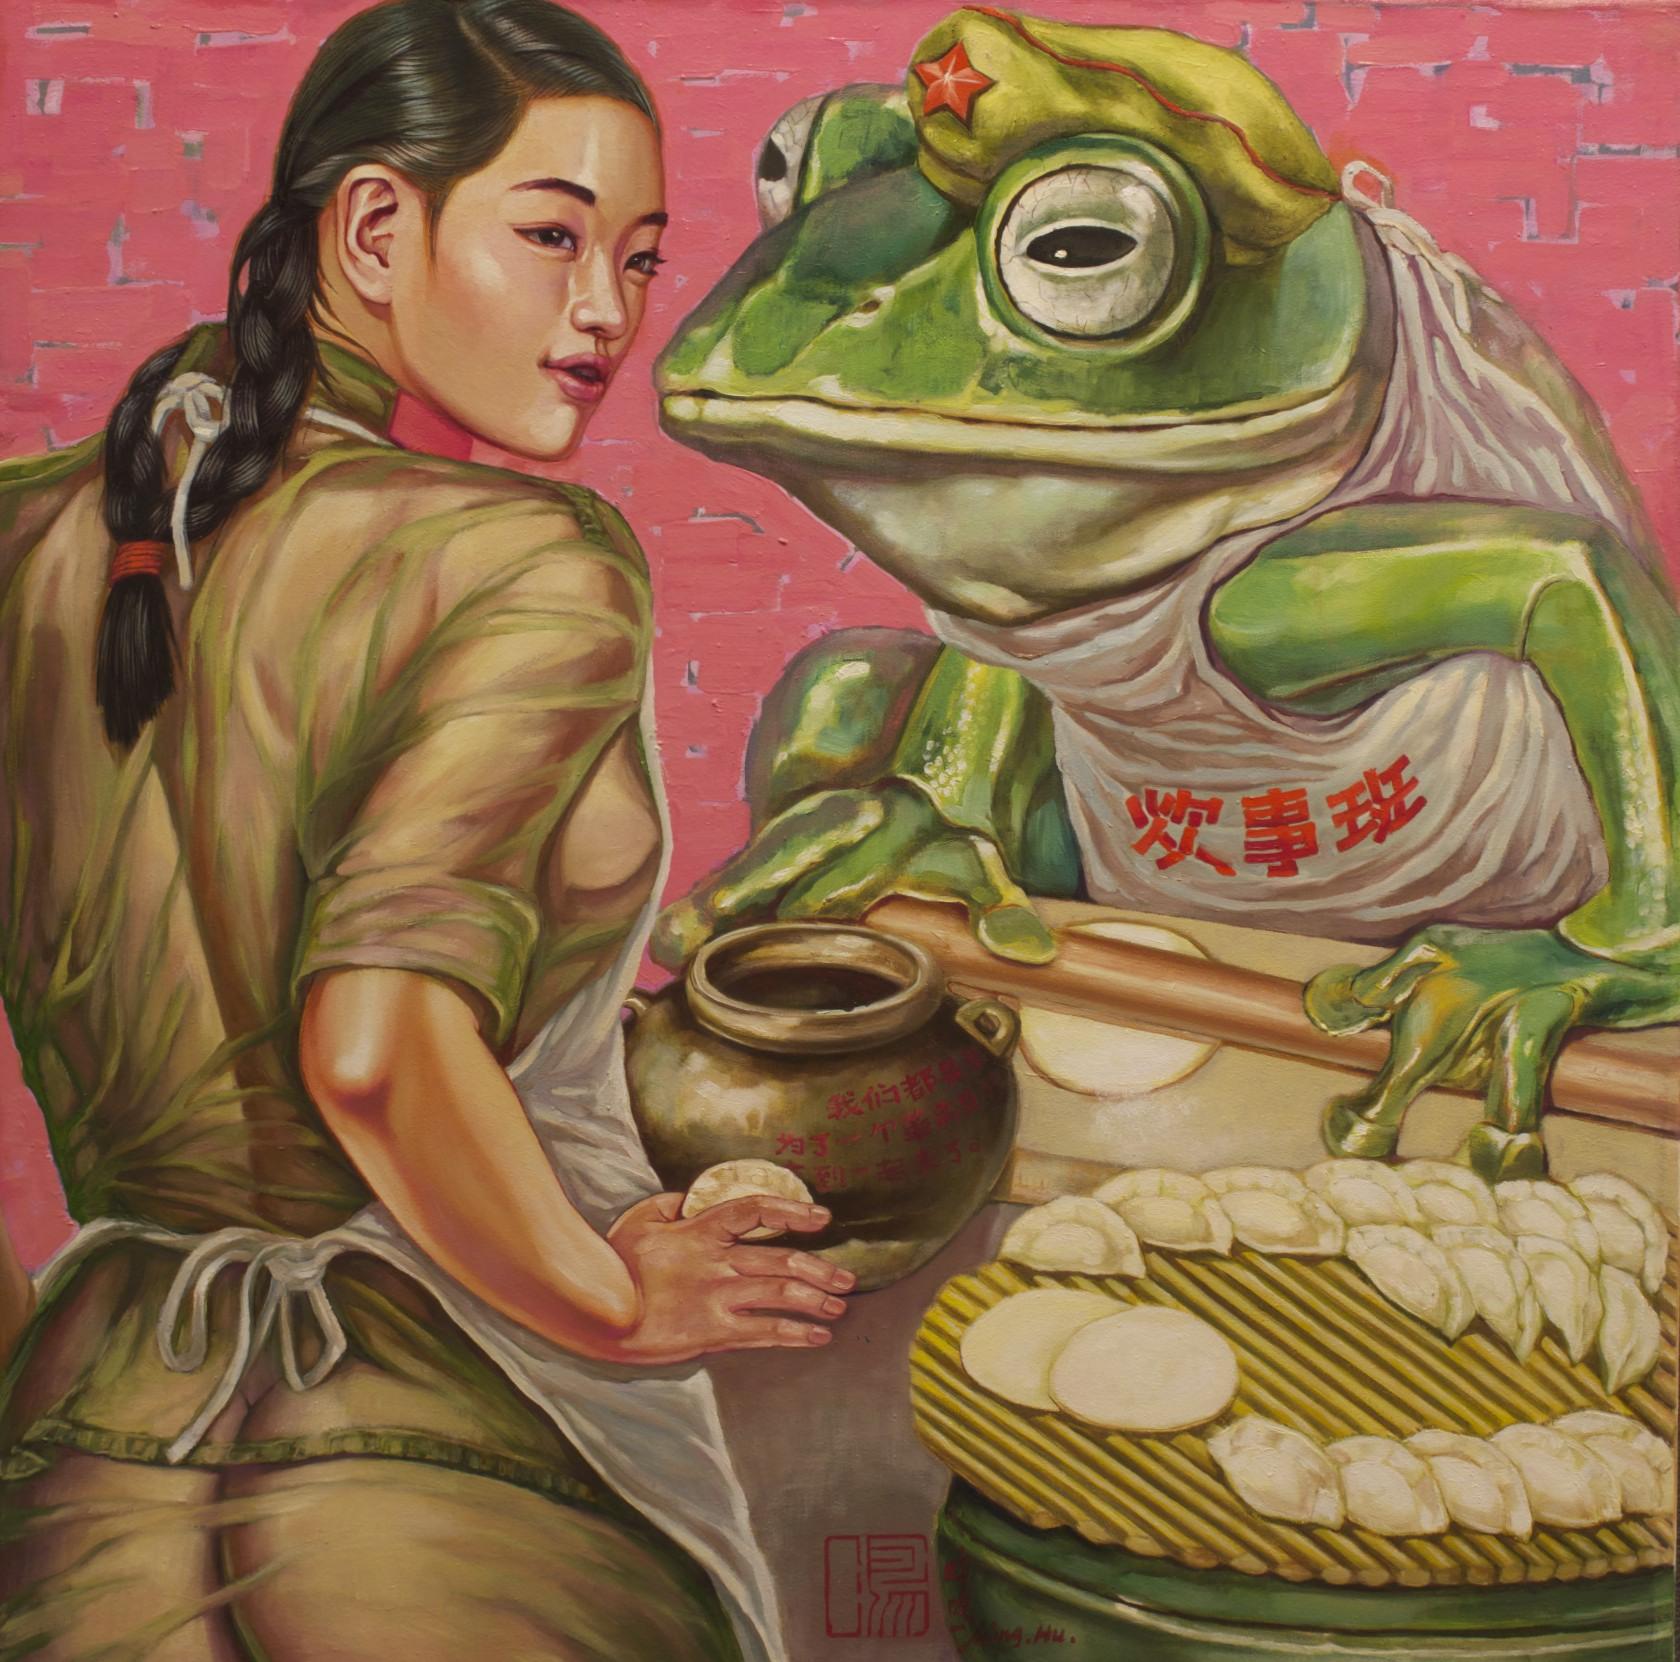 #14585 Hu Ming 'Dumplings' Oil on canvas $8800